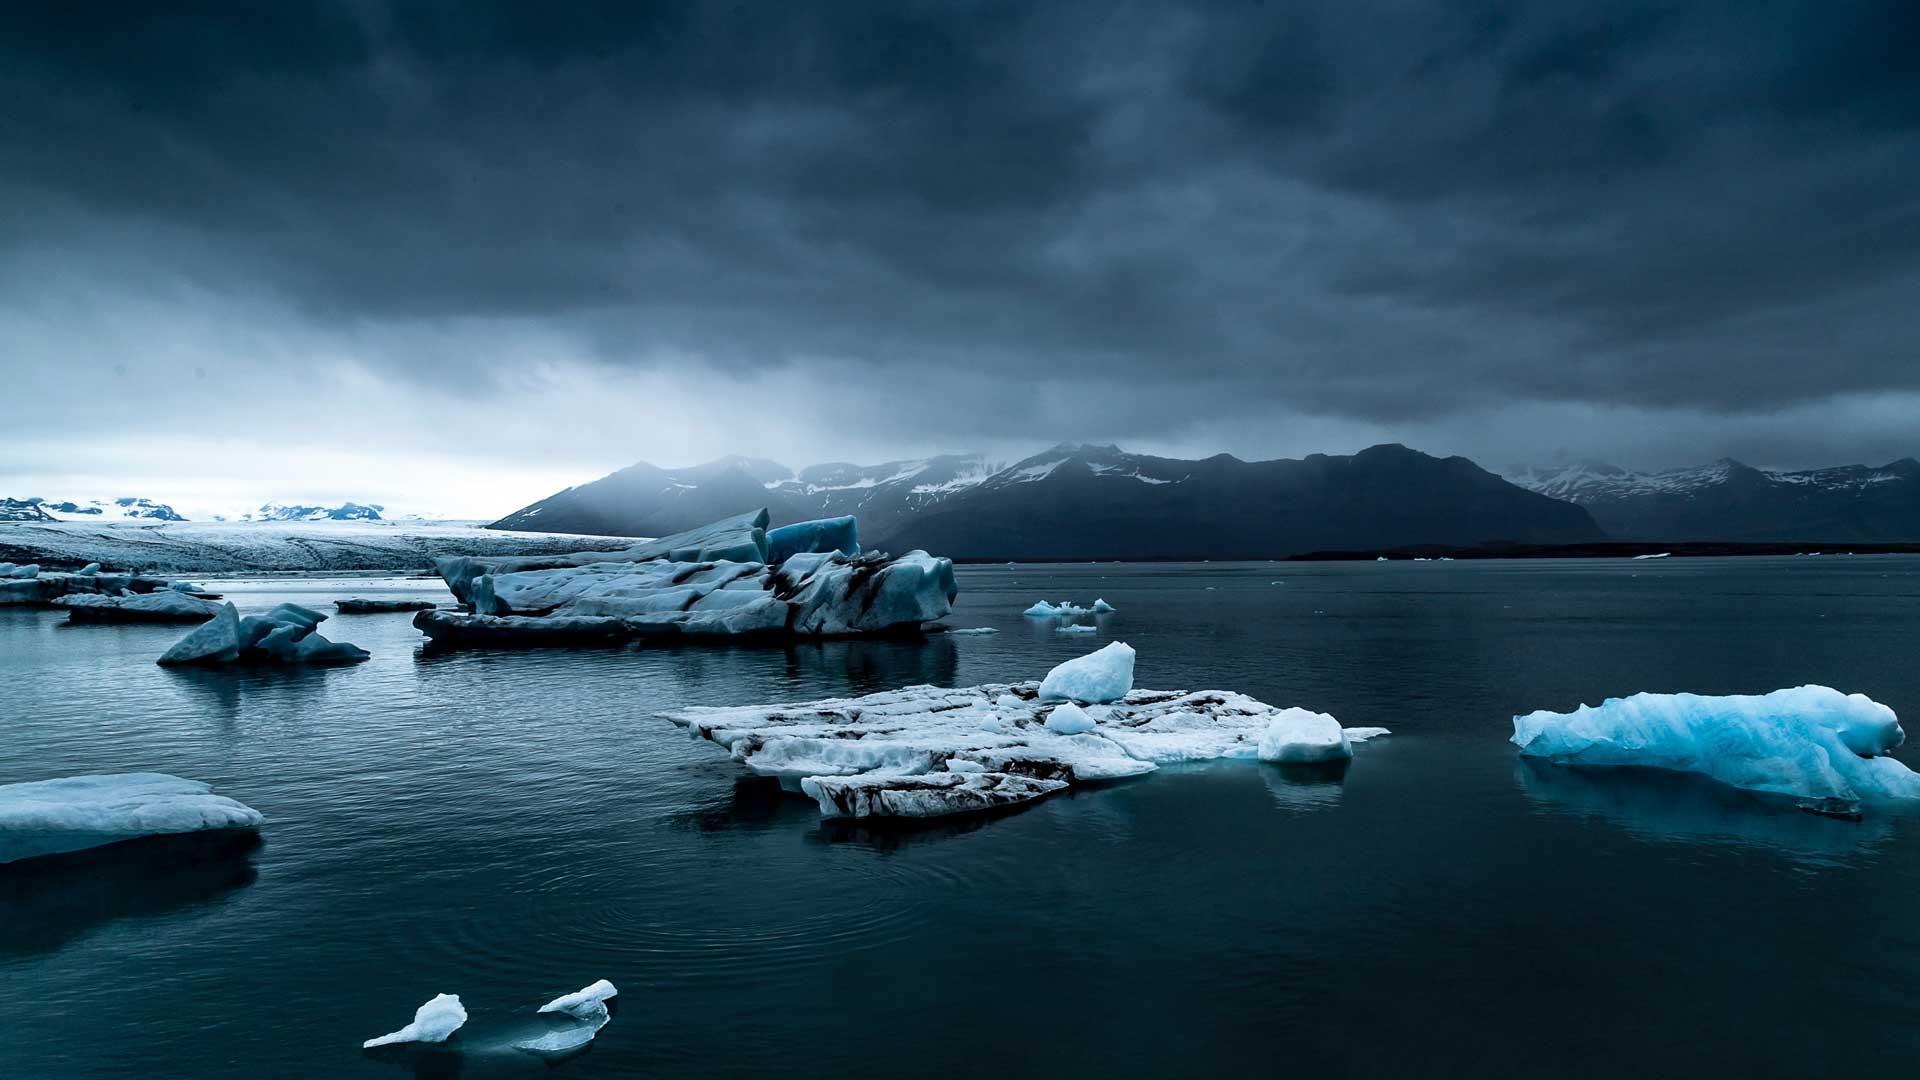 Eisberge treiben im Meer.